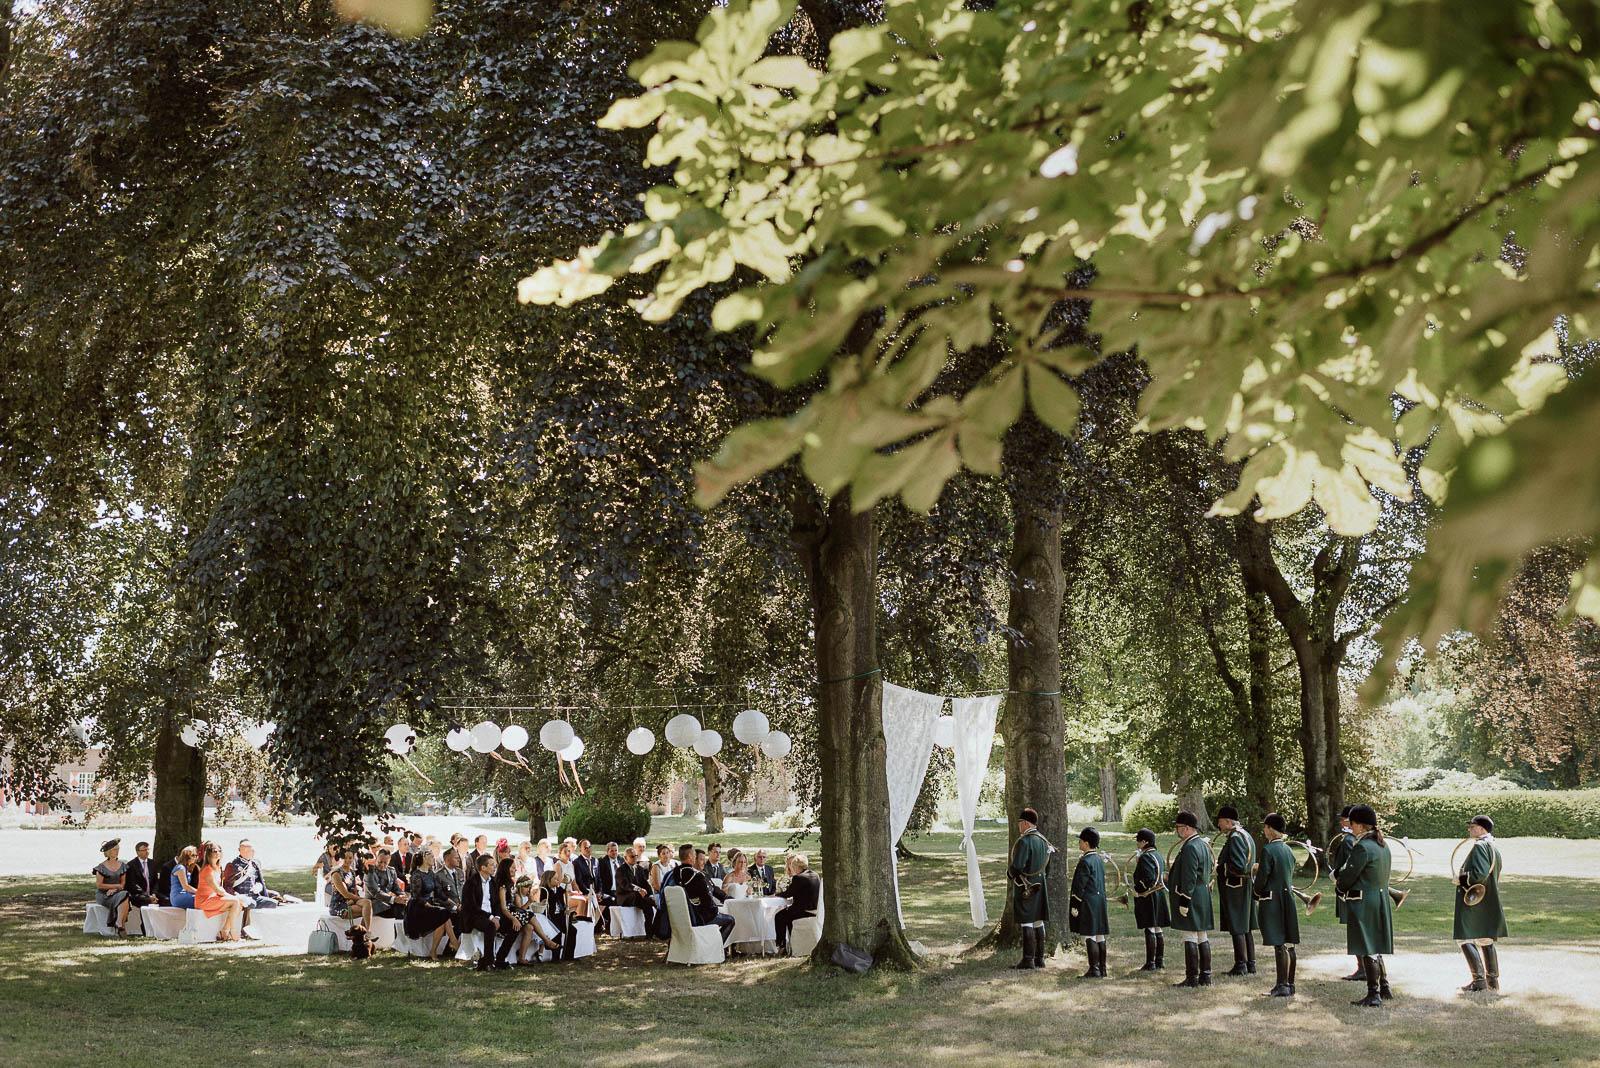 Traaung im Freien auf Wiese Schloss Hertefeld Hochzeitslocation NRW